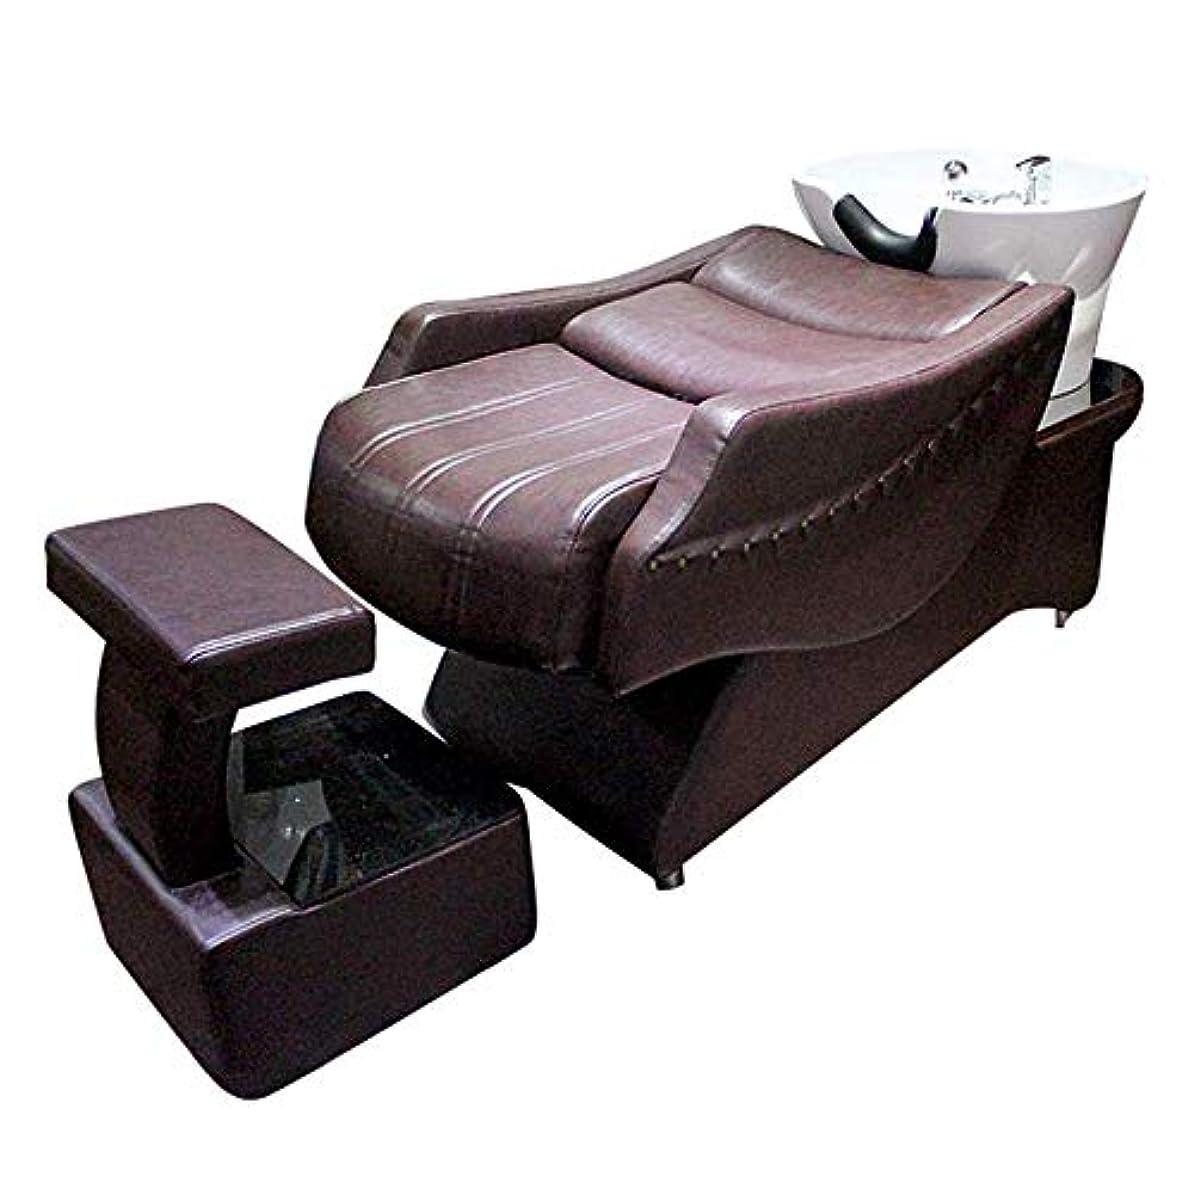 退却責める複製シャンプーチェア、 高級な半横たわるシャンプーベッド逆洗ユニットシャンプーボウル理髪シンク椅子用スパビューティーサロン機器